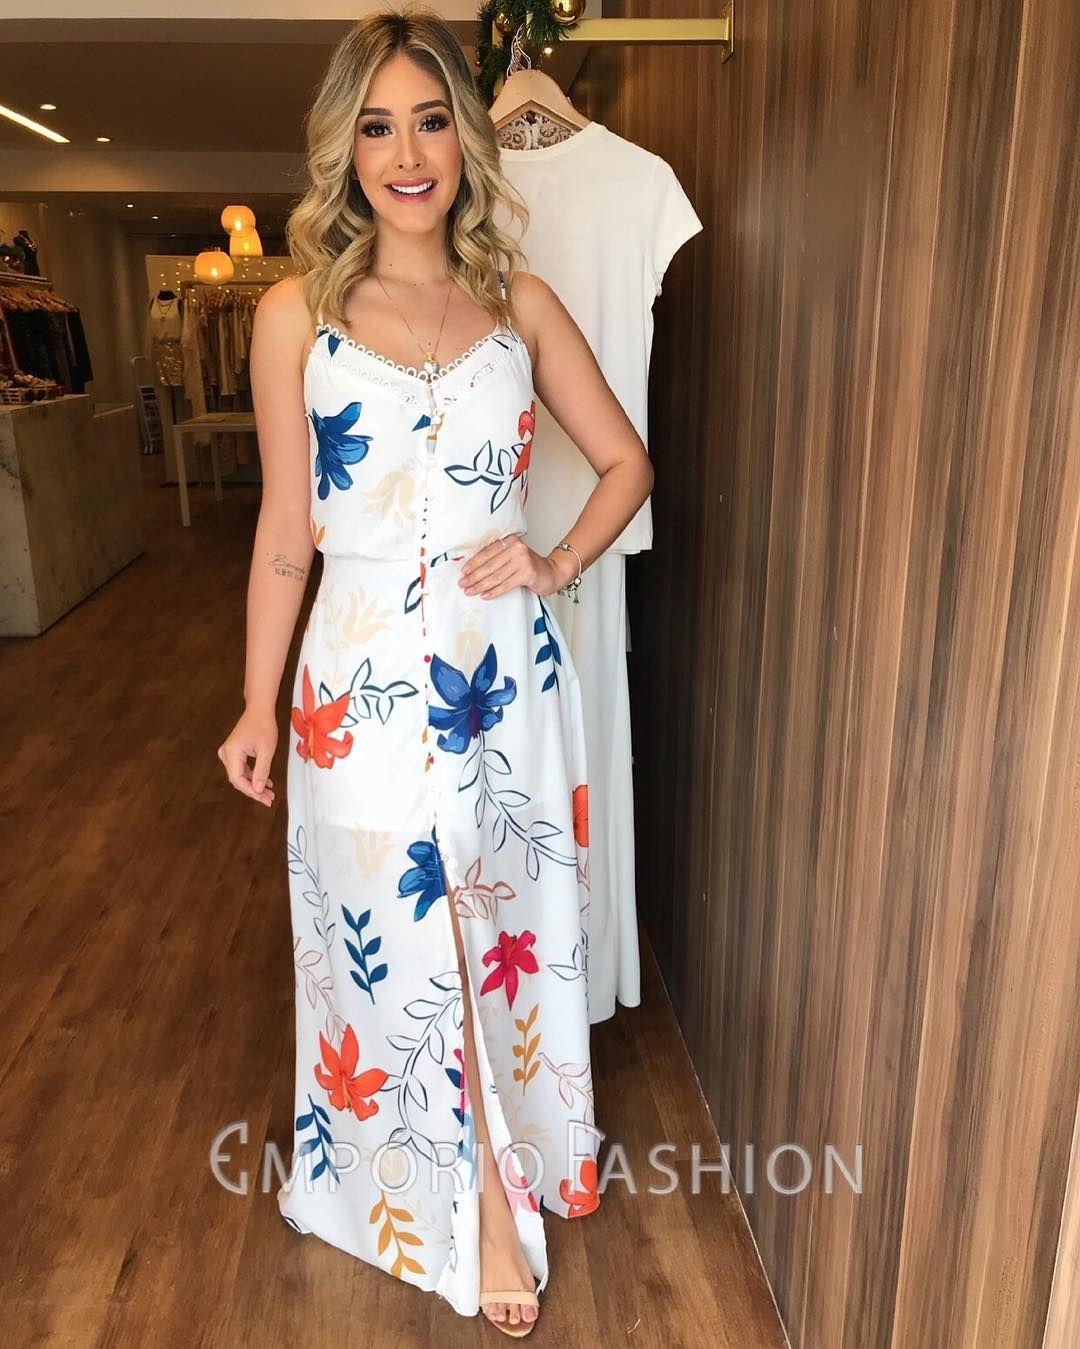 c2f7e13f4 🌴🌻COLEÇÃO VERÃO🌴🌞 Vestid | Oh outfit and fashion em 2019 ...